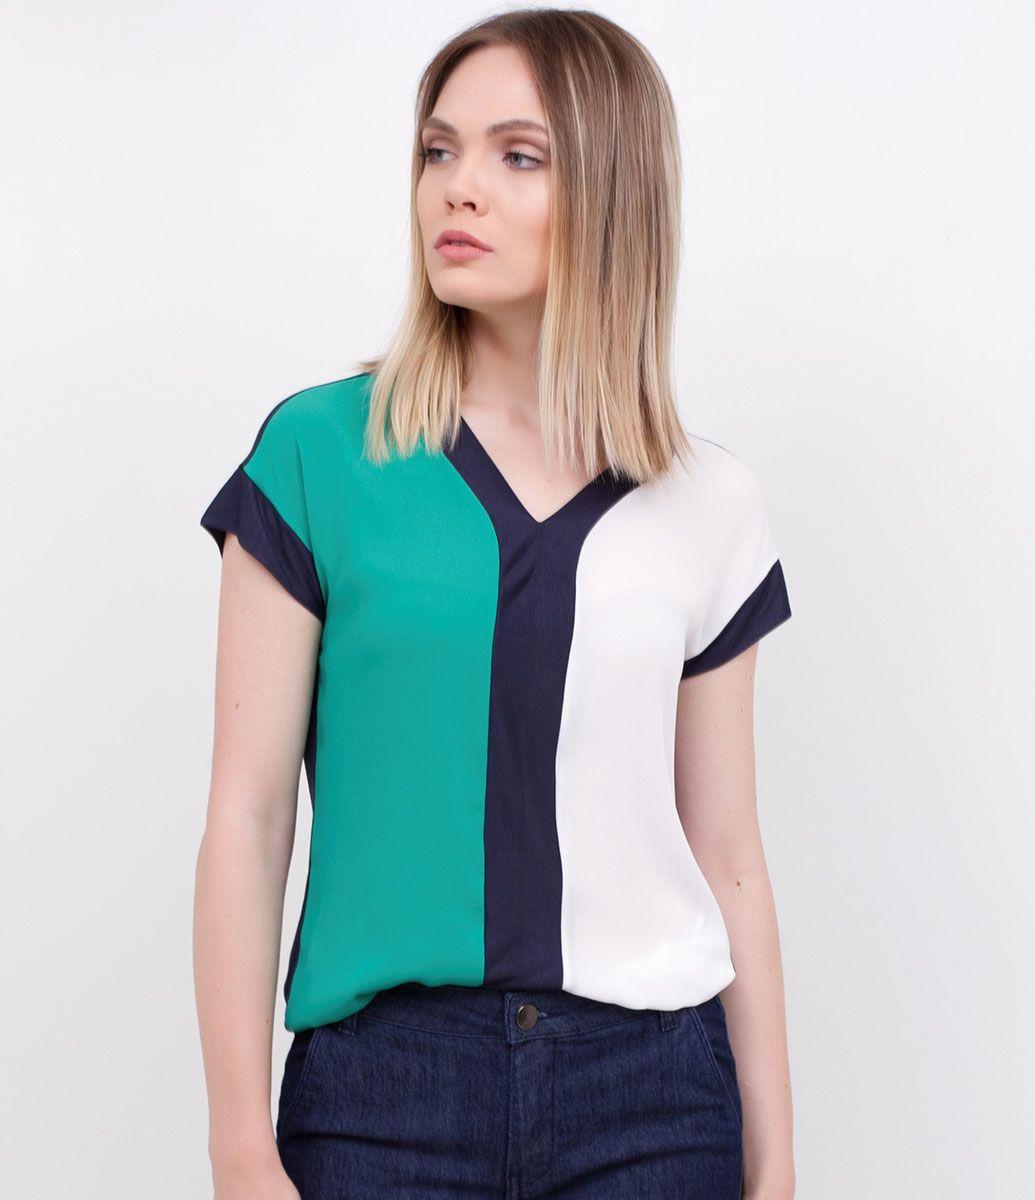 e2ace51d9bef1 Camisa Feminina · Blusa feminina Com recortes Marca  Cortelle Tecido   viscose Modelo veste tamanho  P Medidas